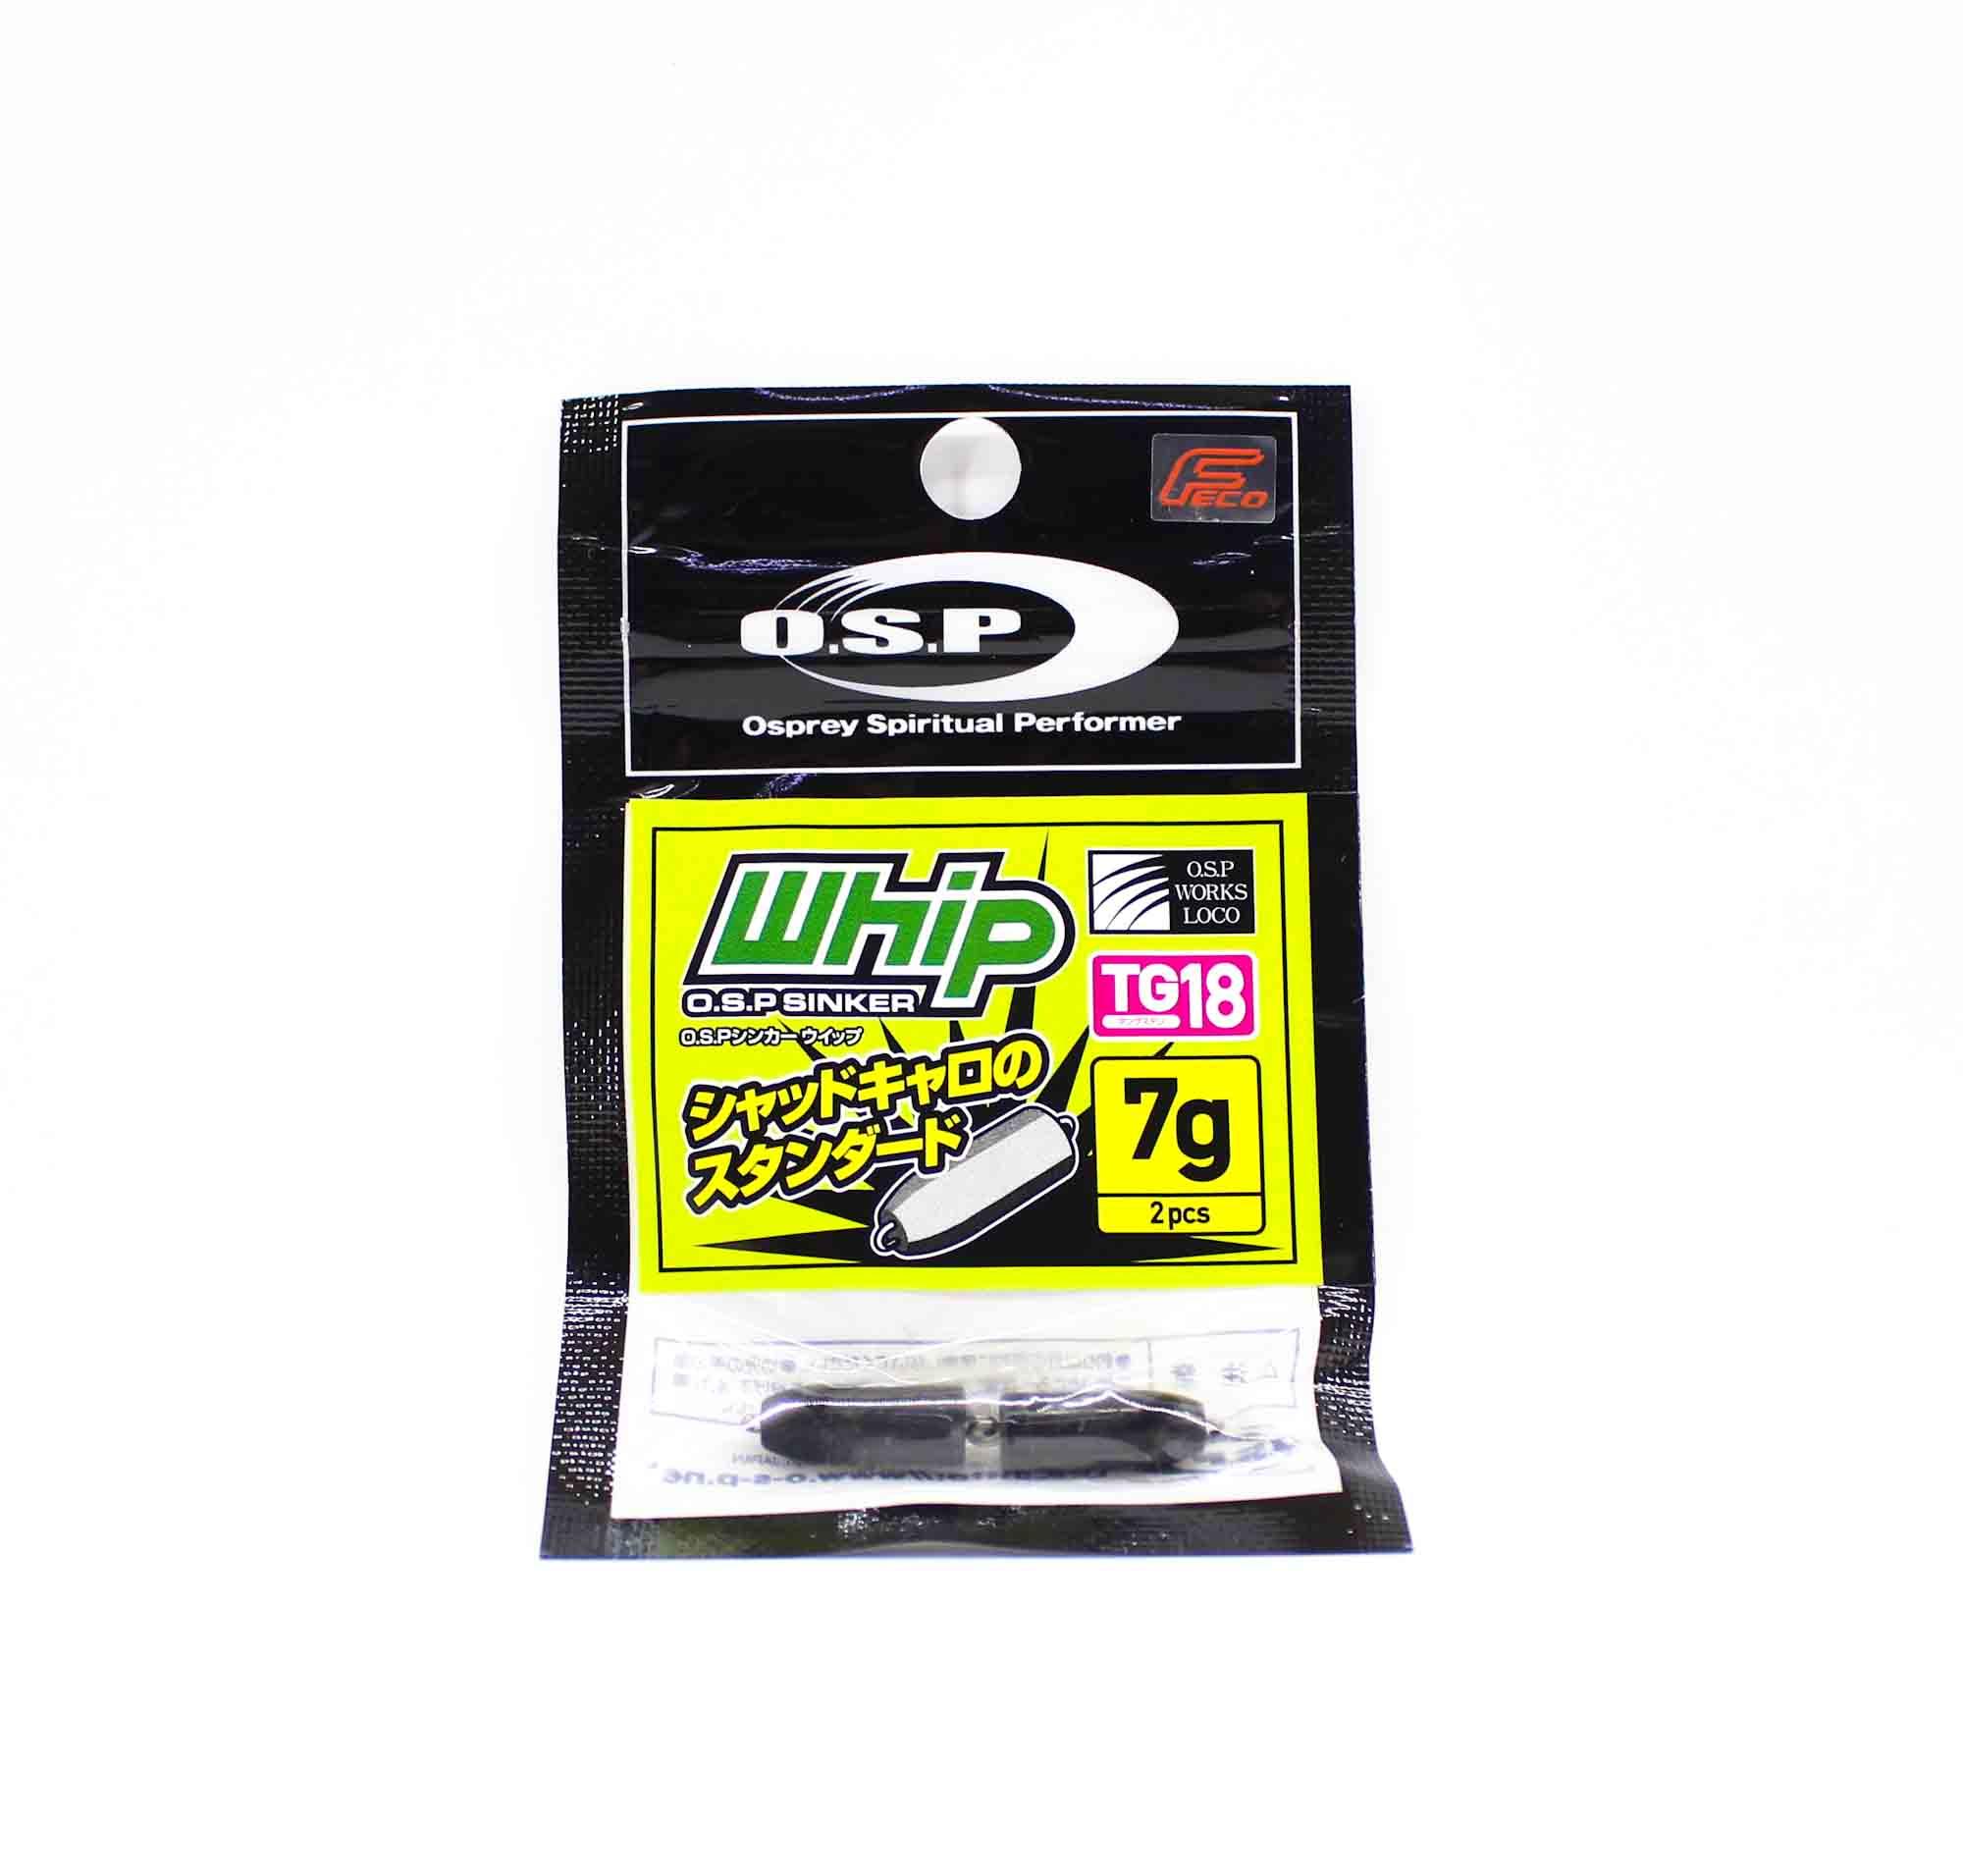 OSP Sinker Whip Tungsten 7 grams 2 piece (3999)